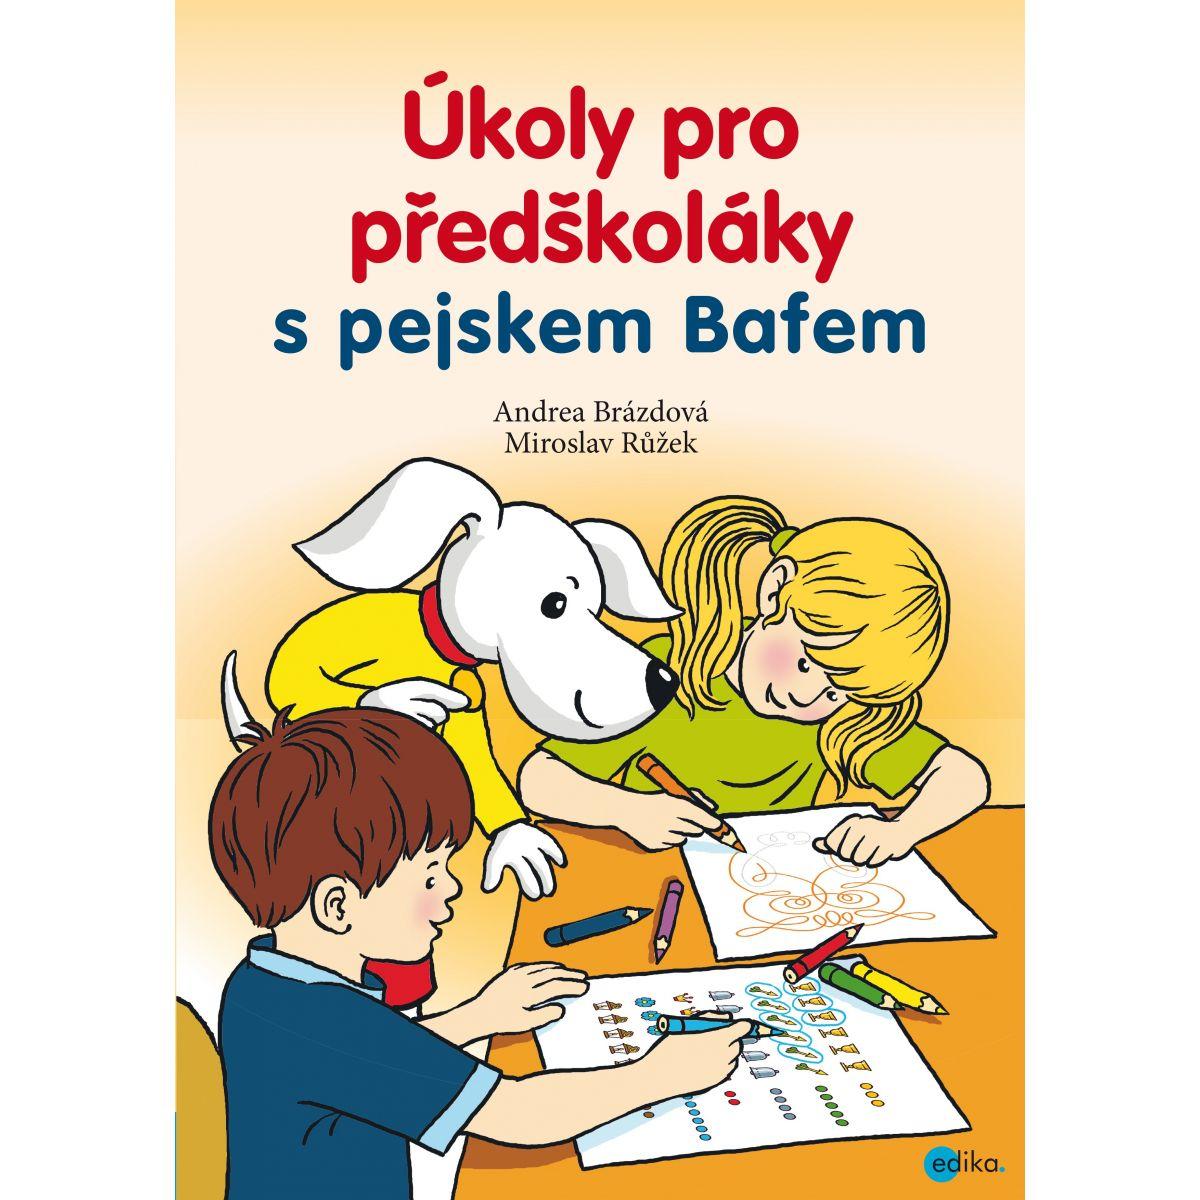 Úlohy pre predškolákov s psíkom Bafbafom